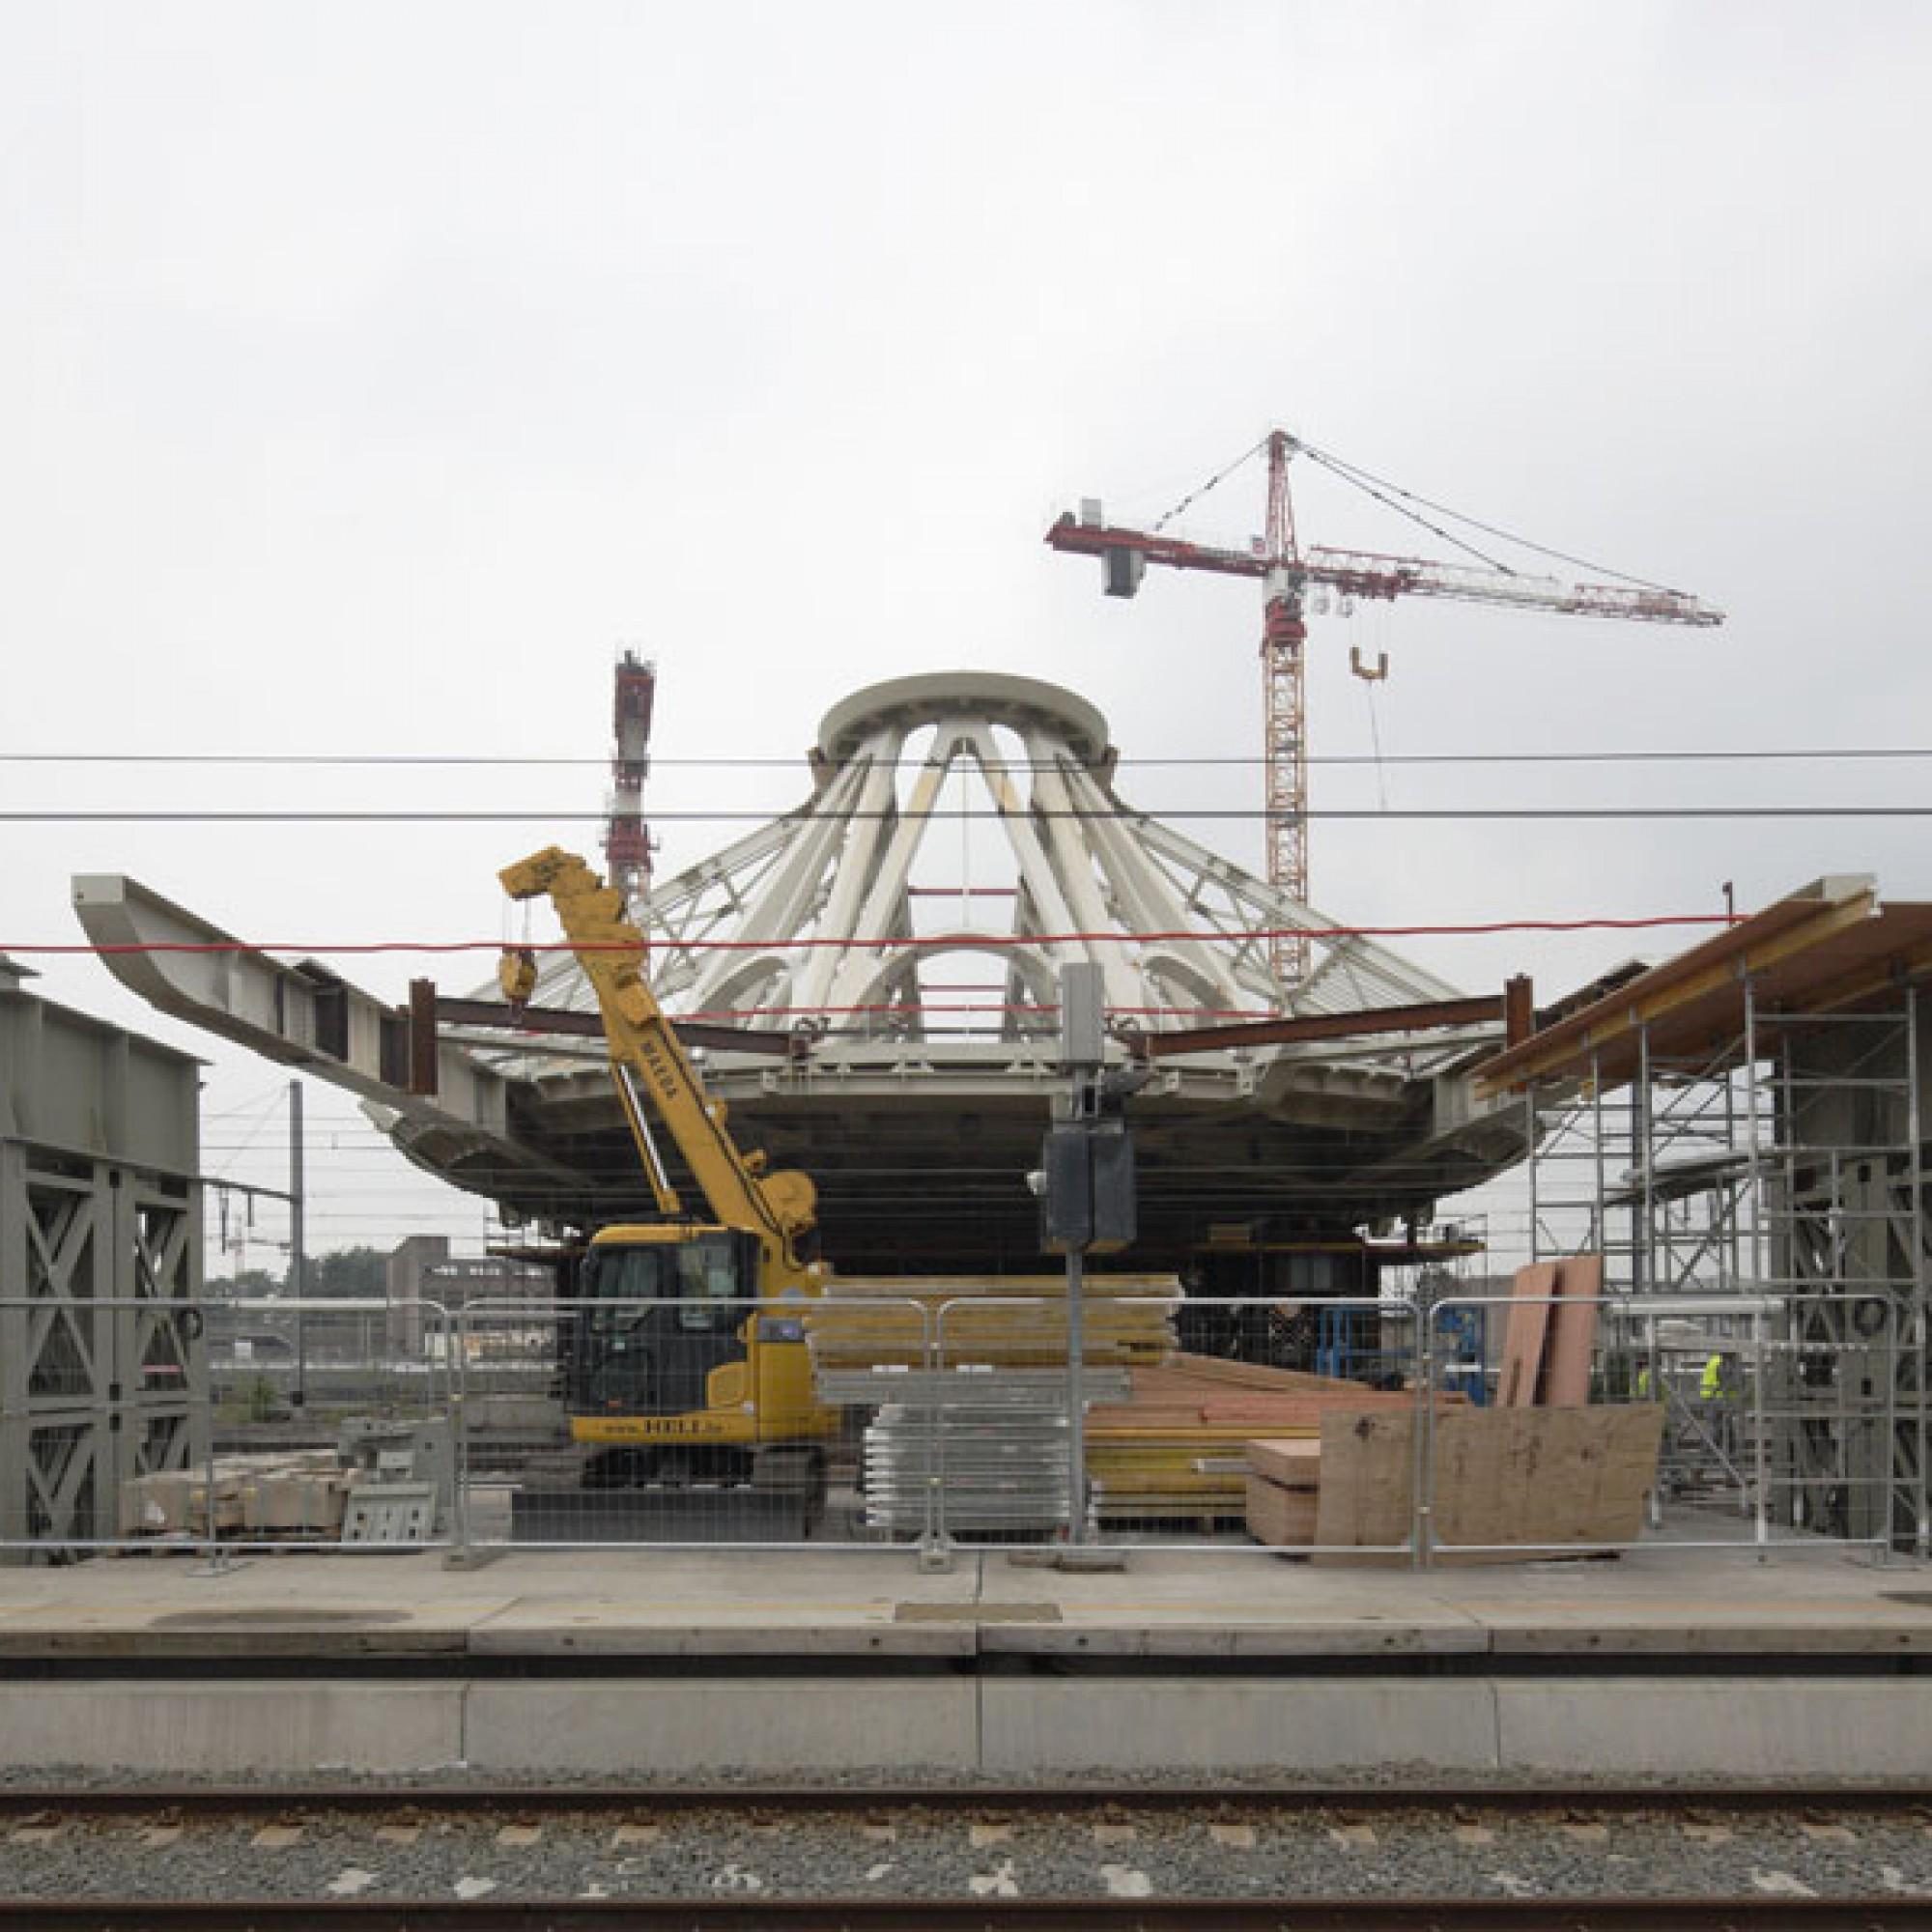 Frontalansicht der Hallenkonstruktion.